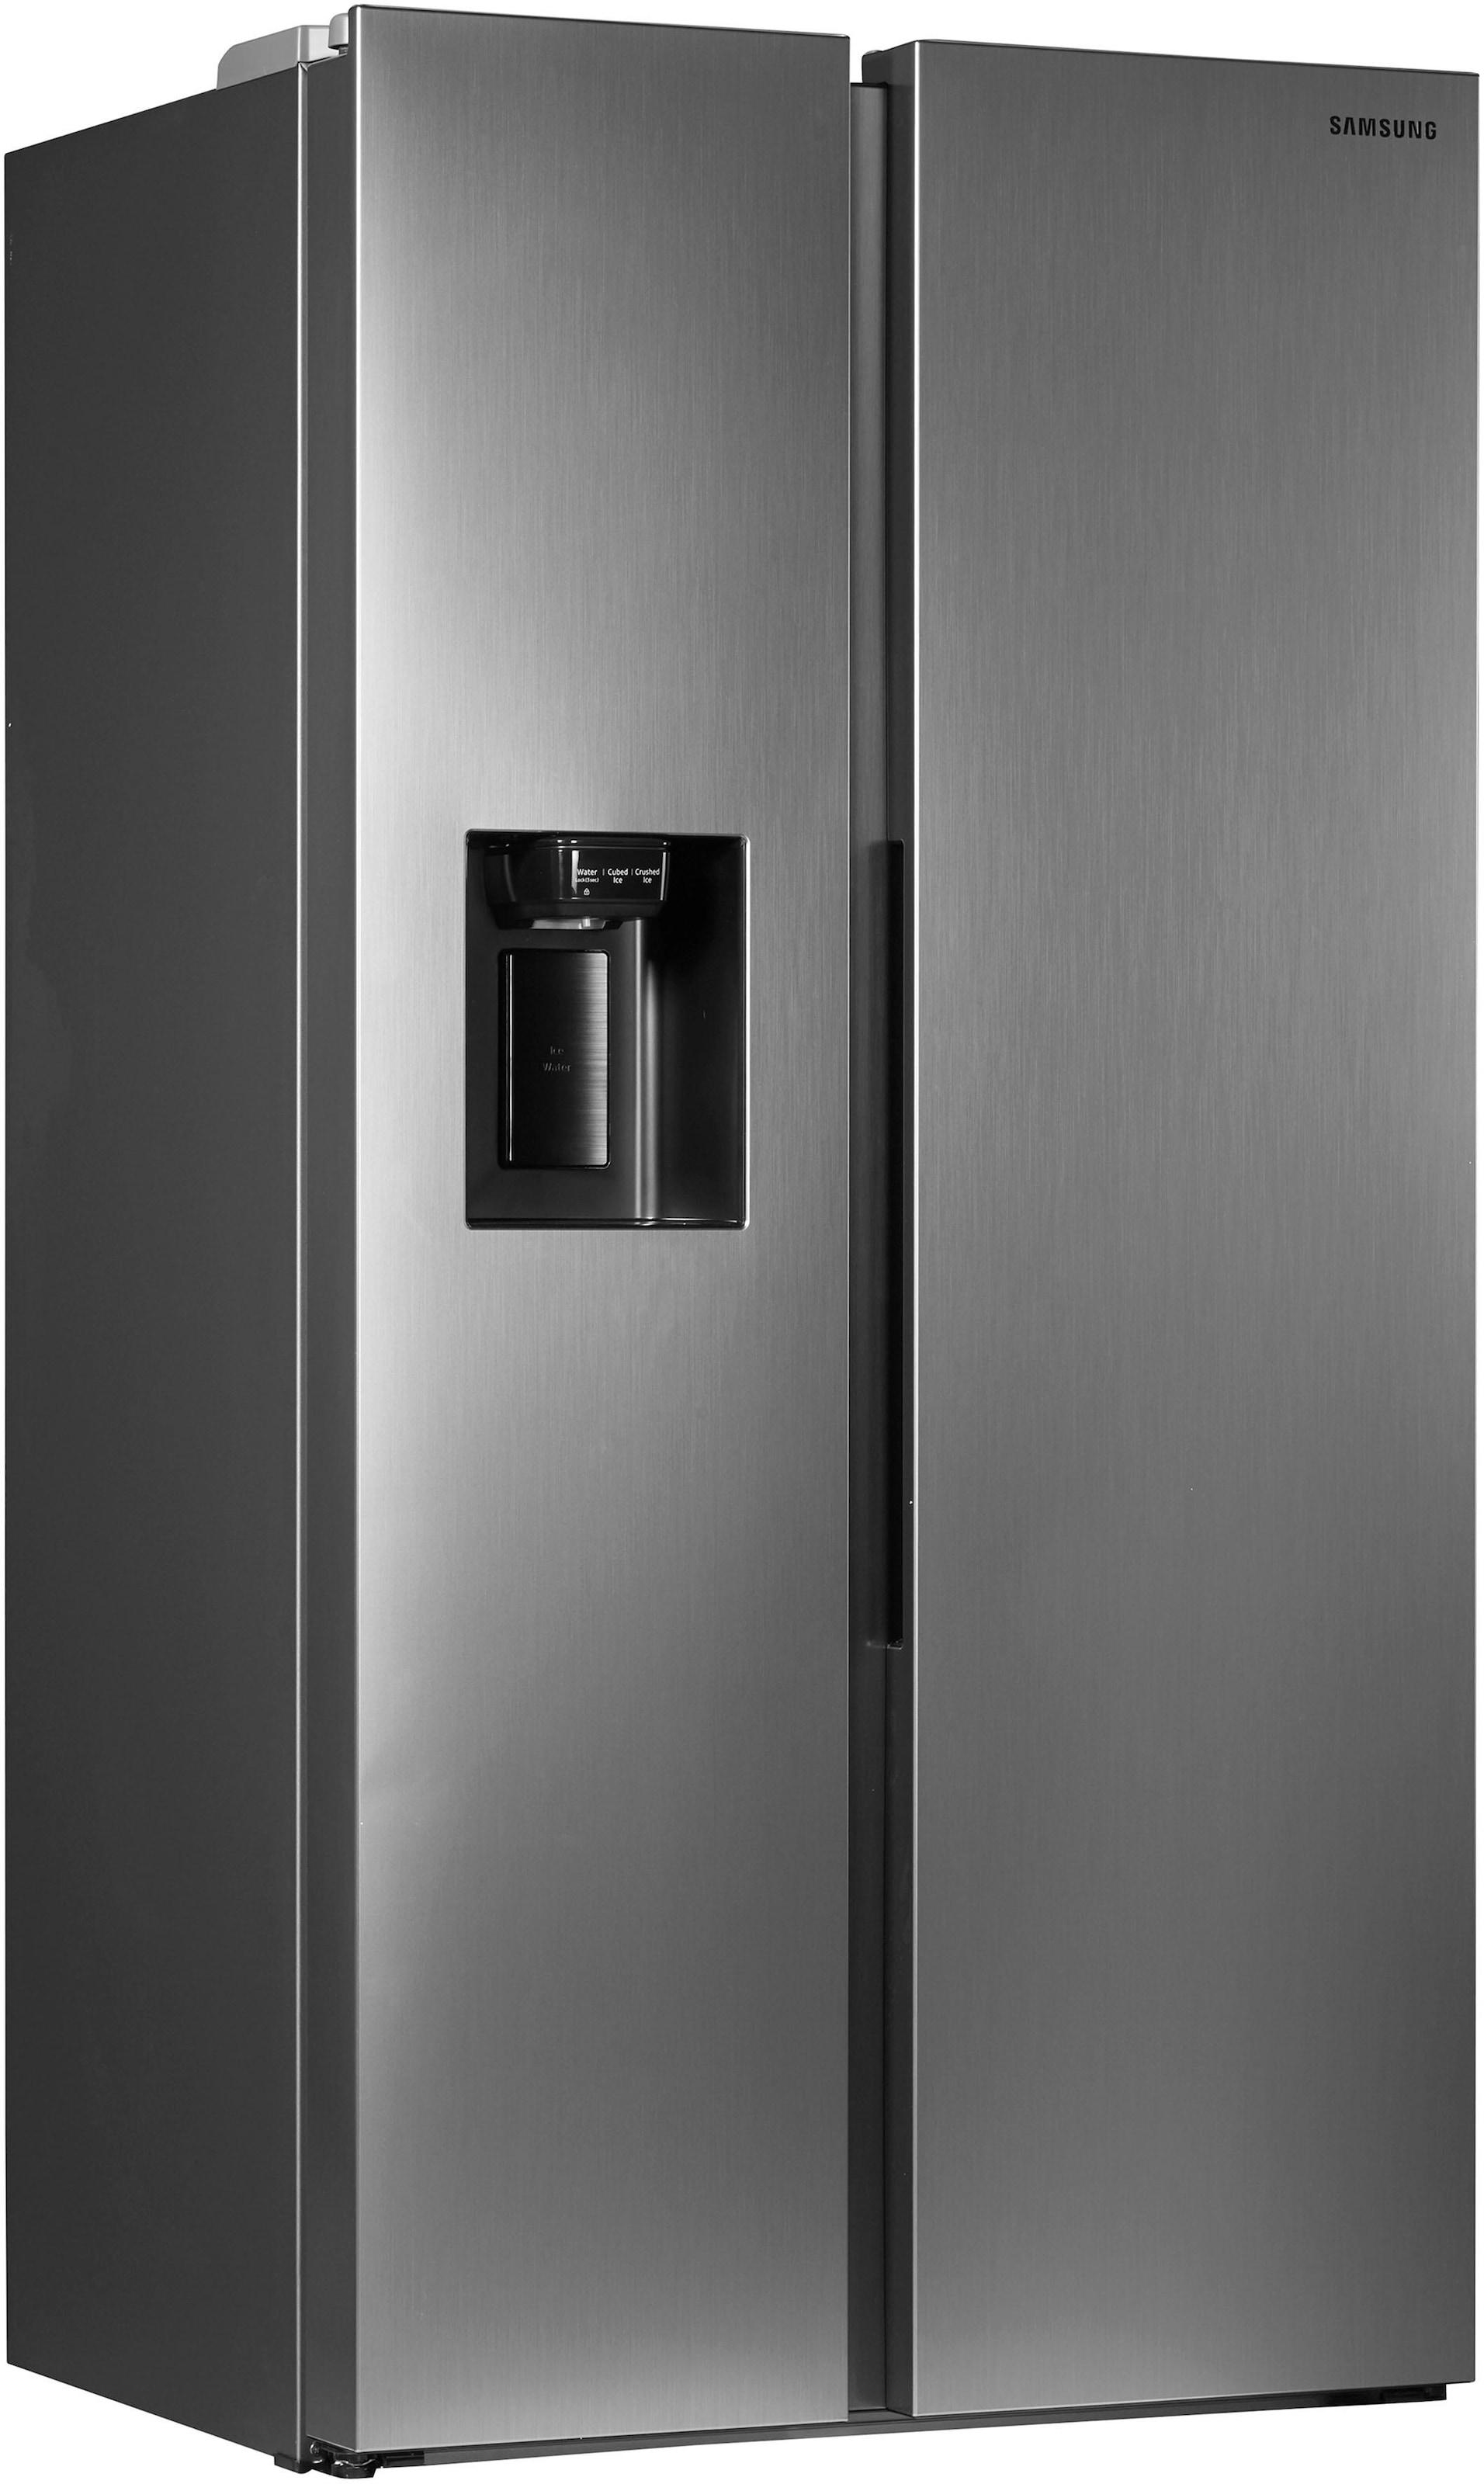 Side By Side Kühlschrank Samsung Ohne Festwasseranschluss : Side by side kühlschrank auf rechnung raten kaufen